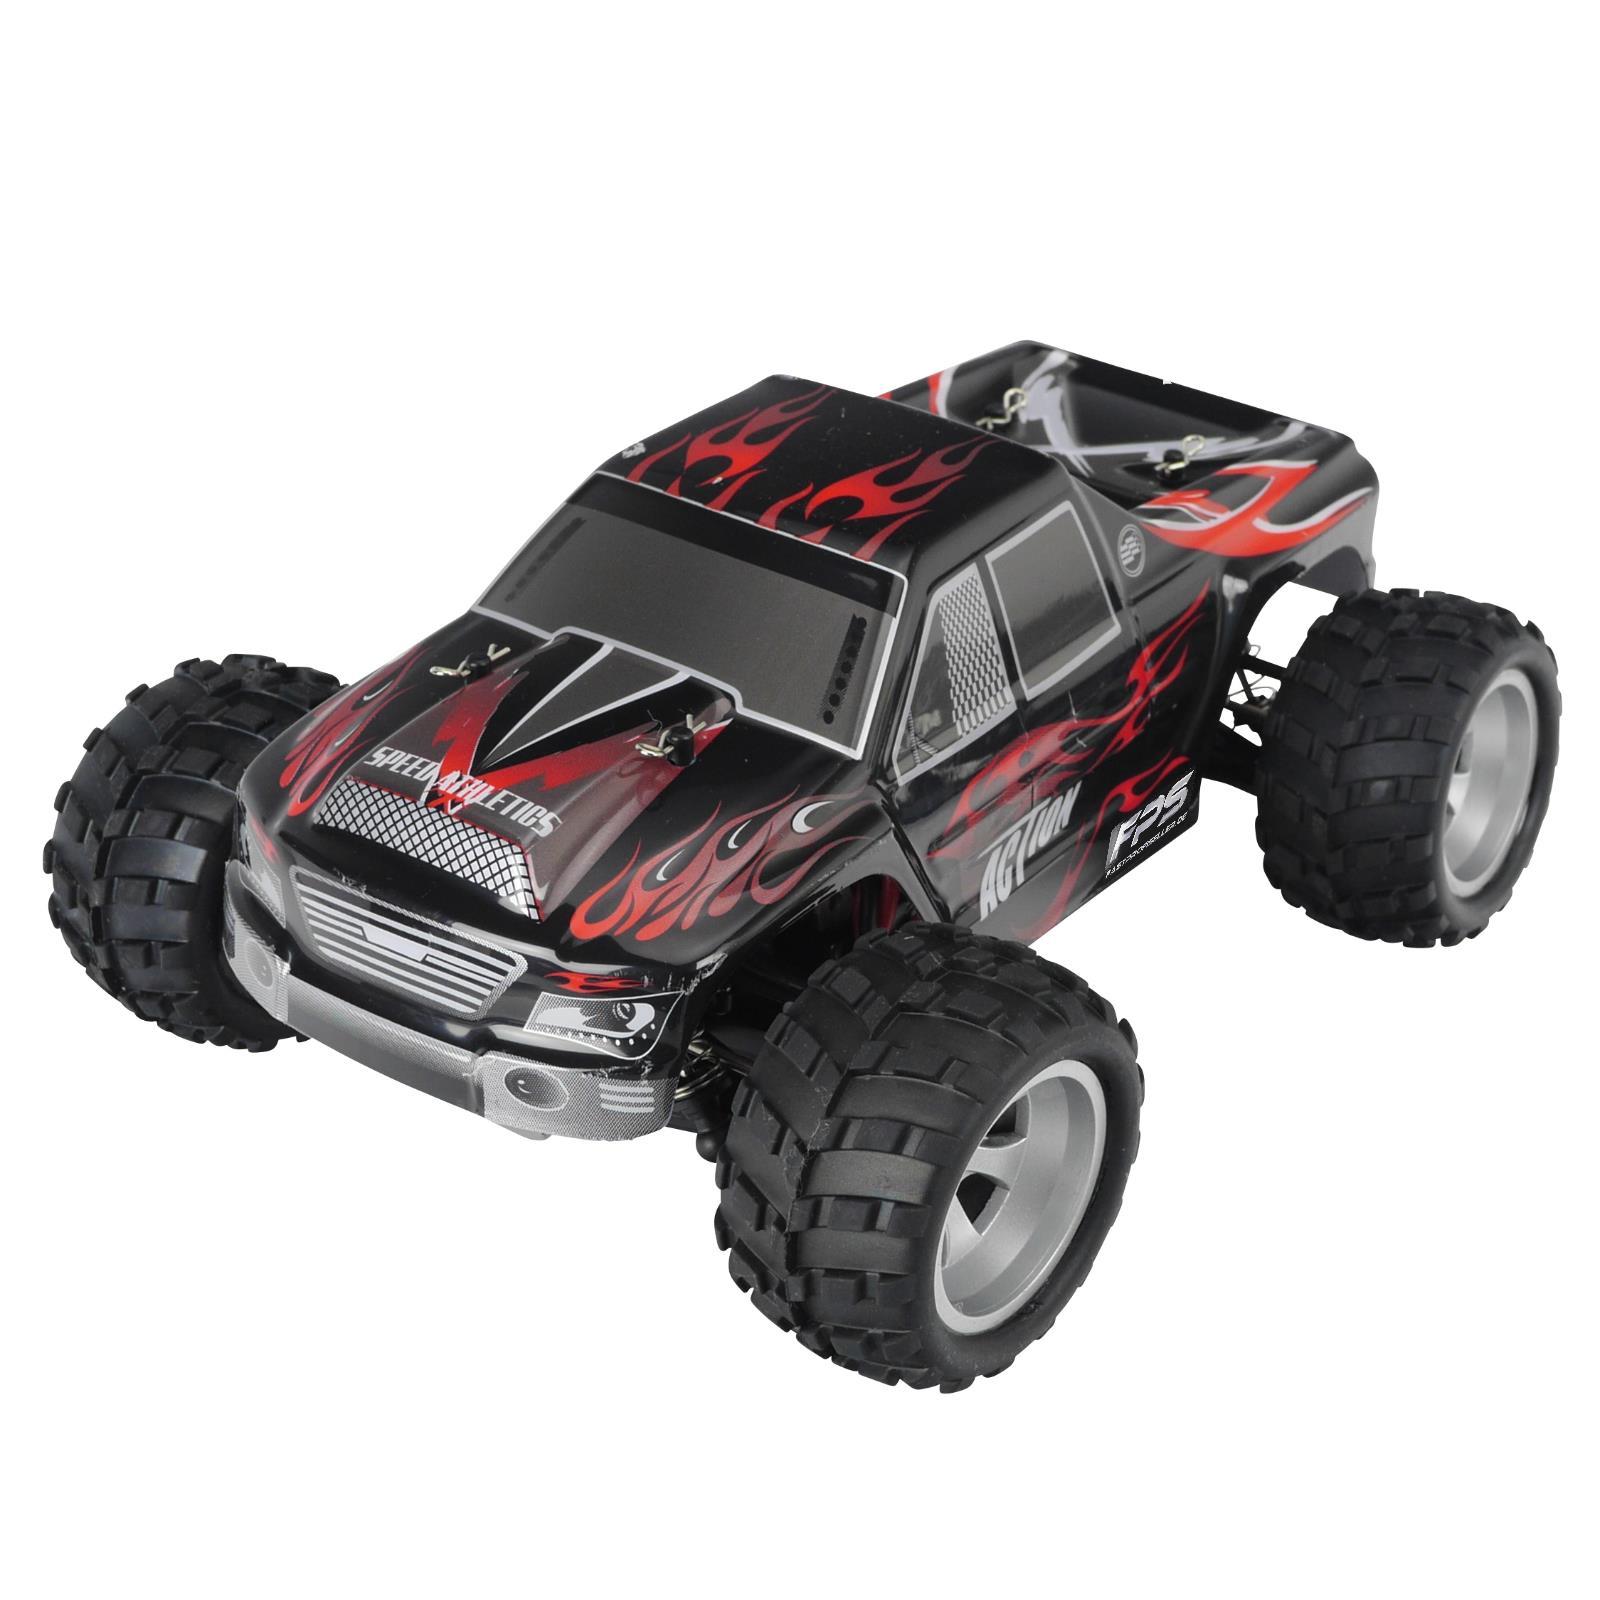 Rayline Funrace 01 FR01 RC Monstertruck Schwarz Rot mit Zubehör 1x Akku